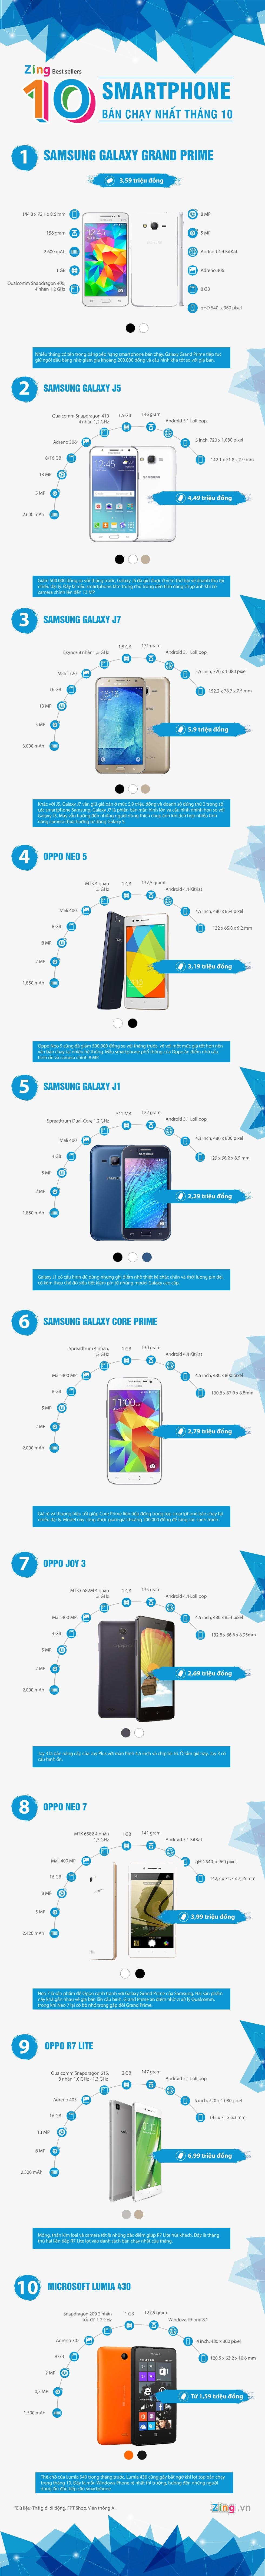 10 smartphone ban chay nhat thang 10 tai Viet Nam hinh anh 1